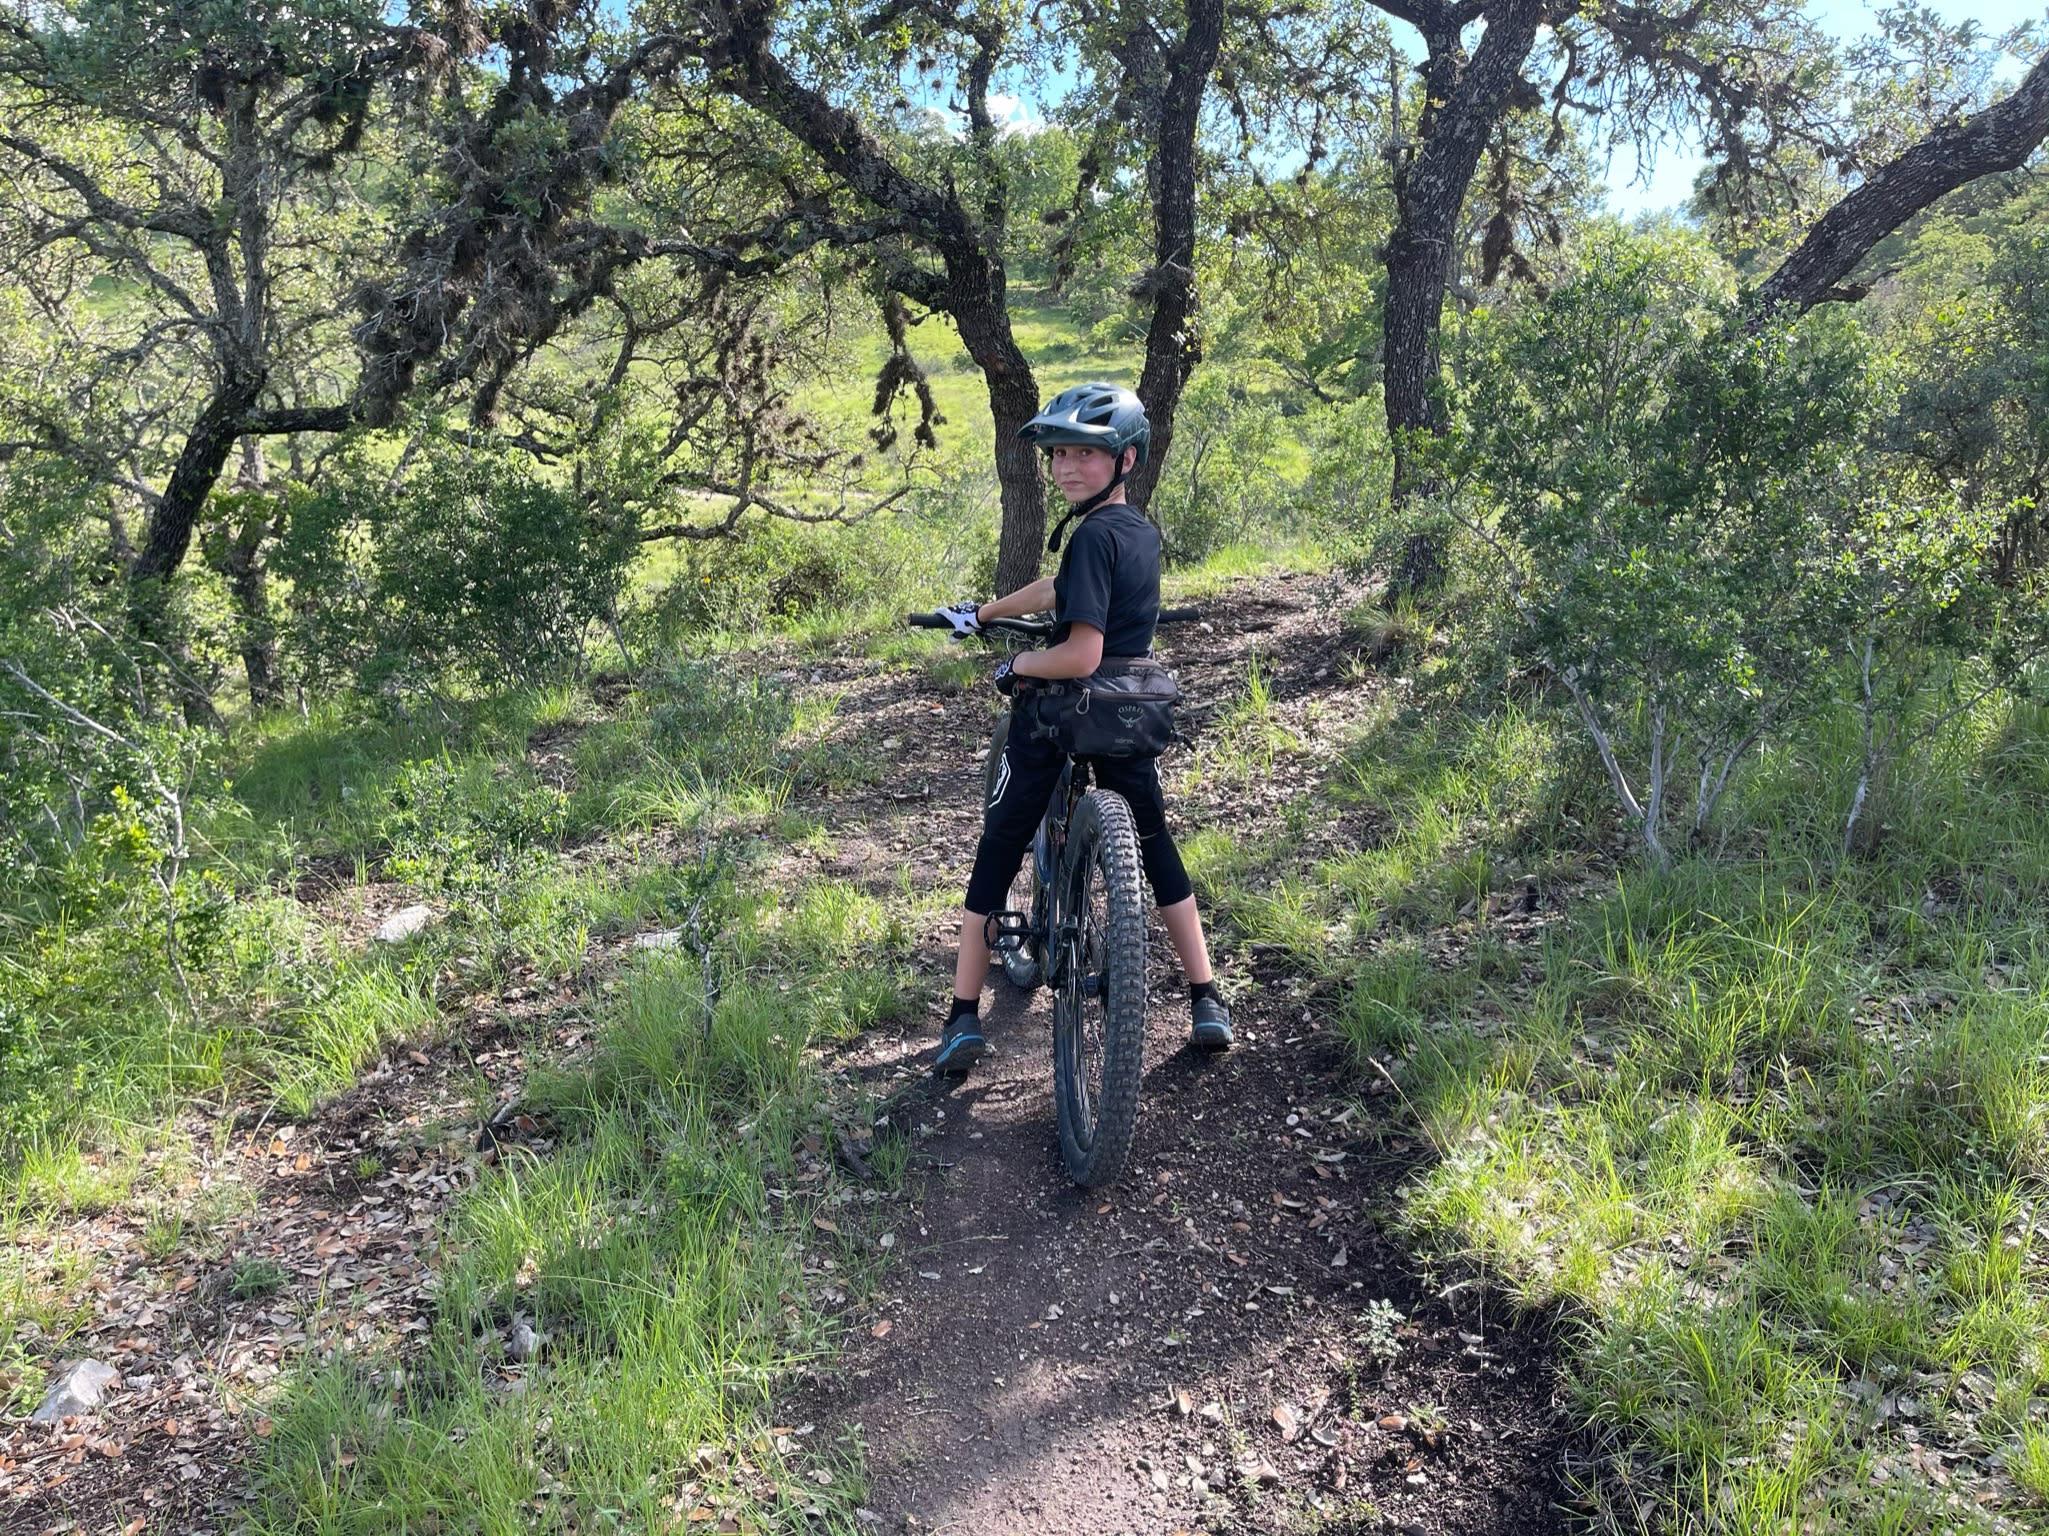 boy on bike in woods